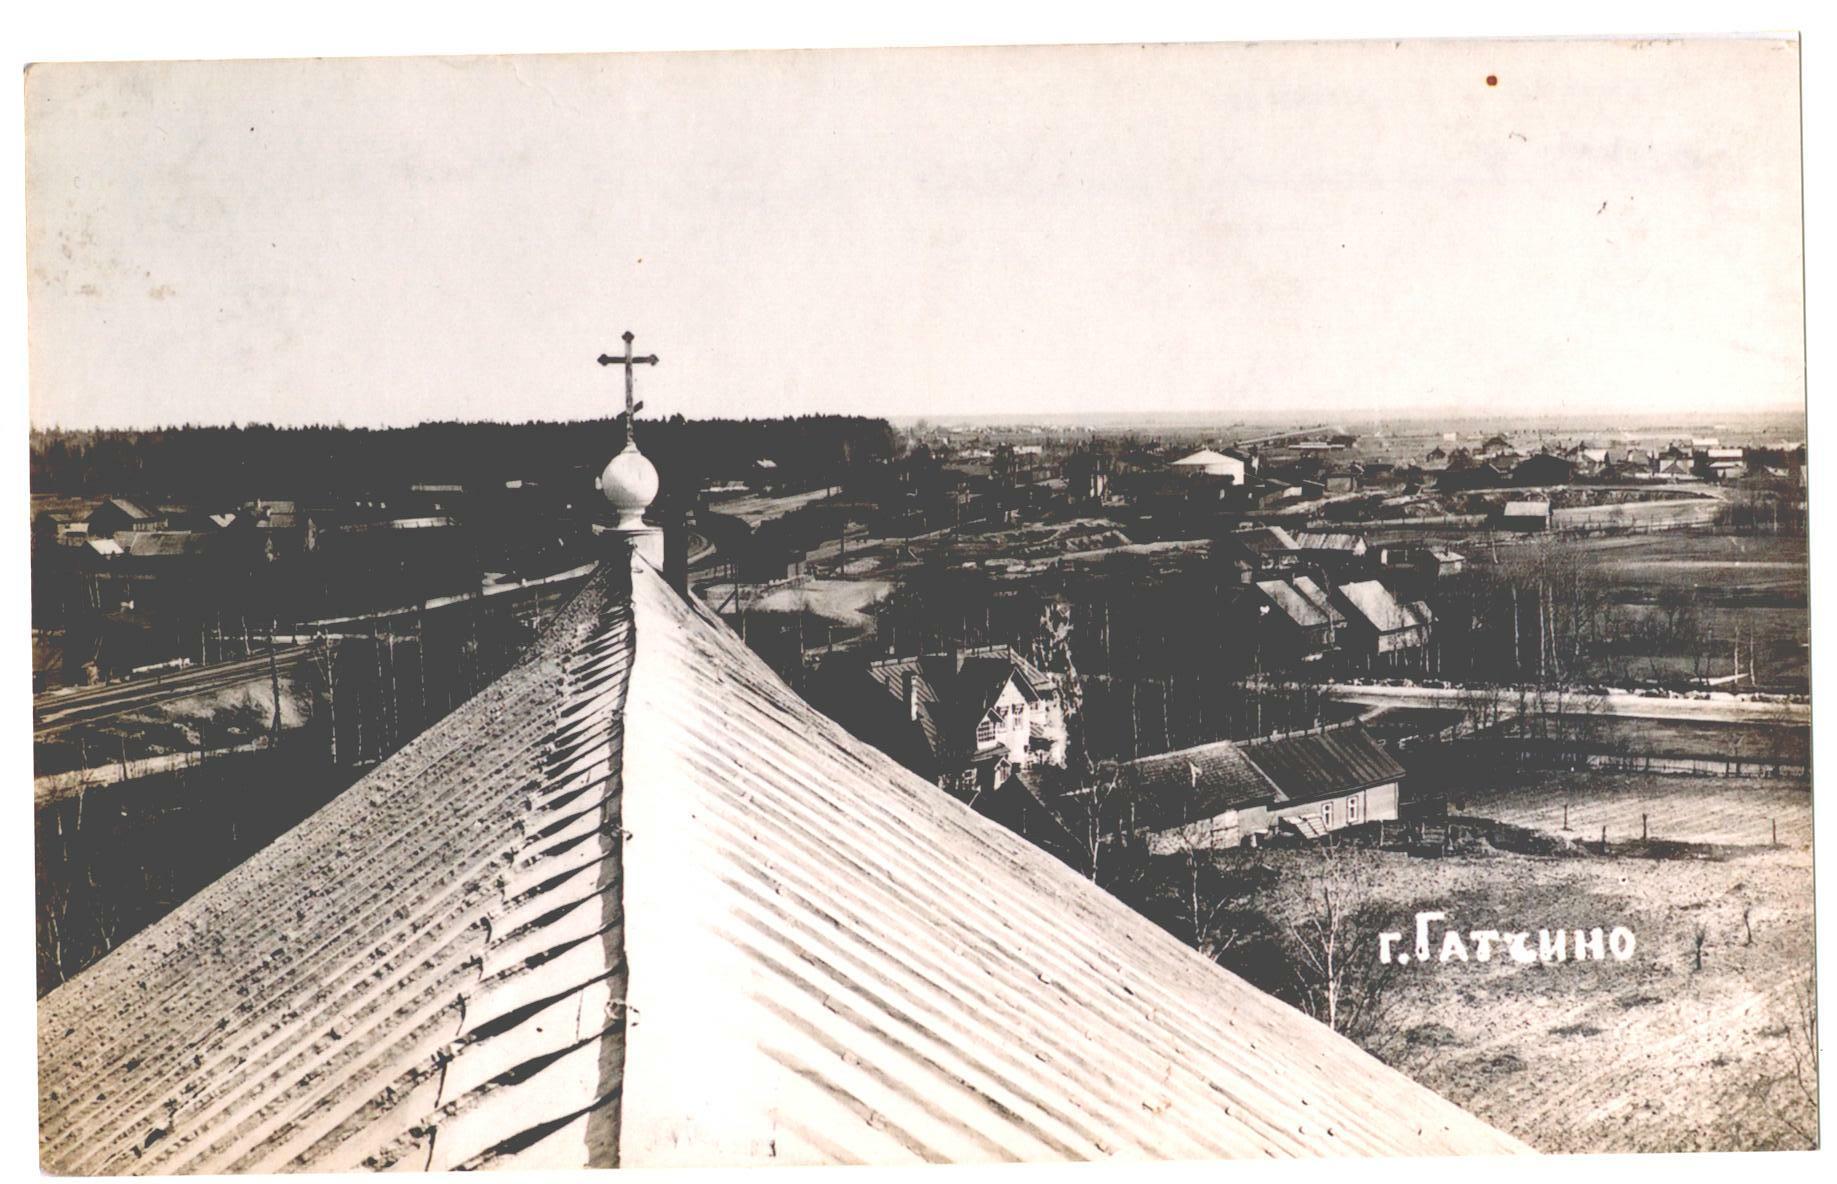 Лютеранская церковь Святого Петра. Вид с крыши на Гатчину. 1900-e